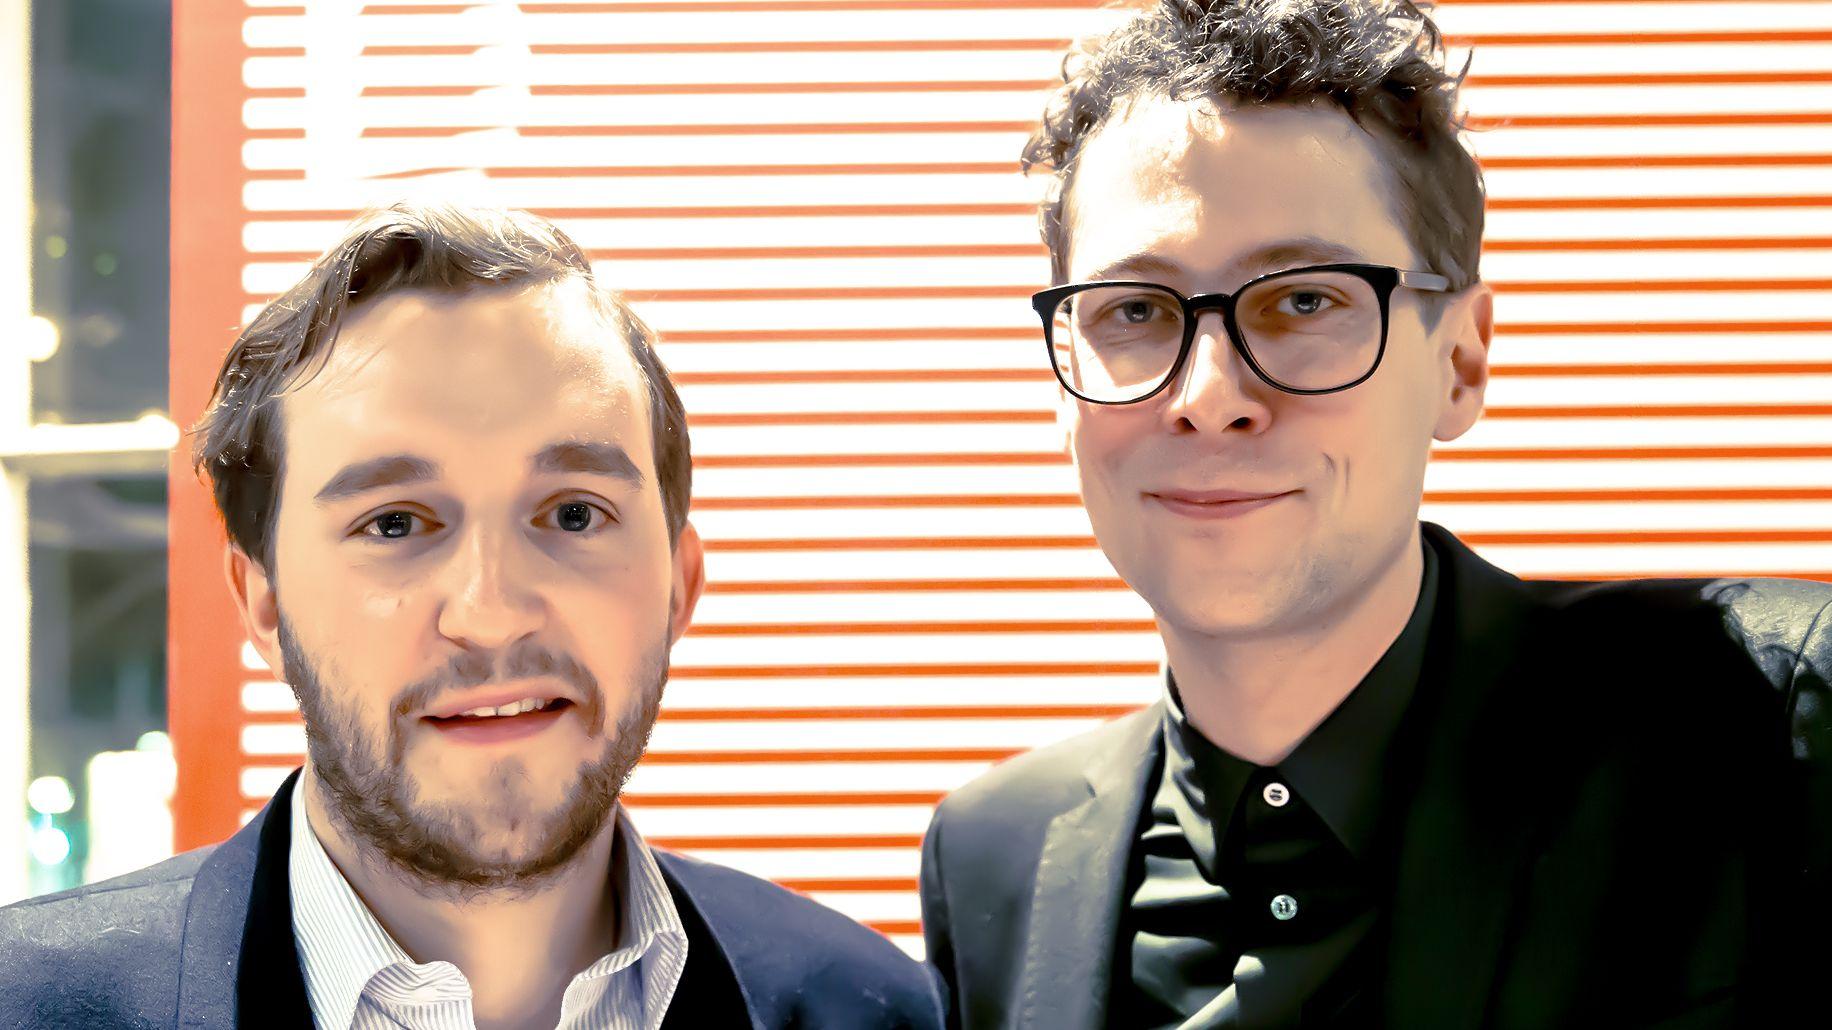 Zwei Männer in Jacket blicken vor einer rotweißgestreiften Wand frontal in die Kamera